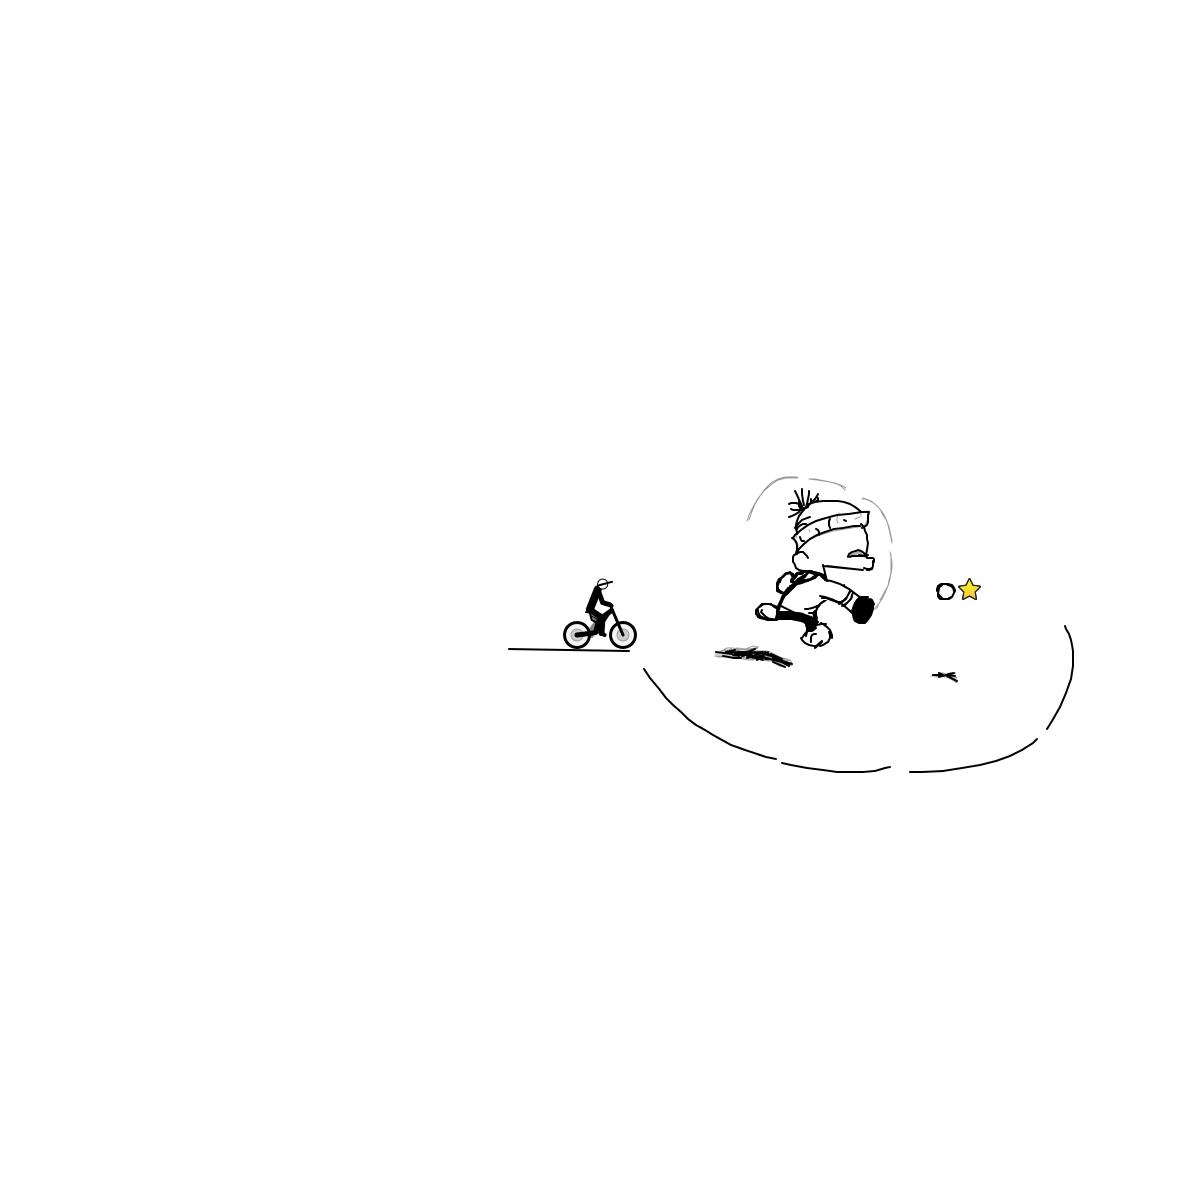 calvin and hobbes snowball by calvinandhobbes free